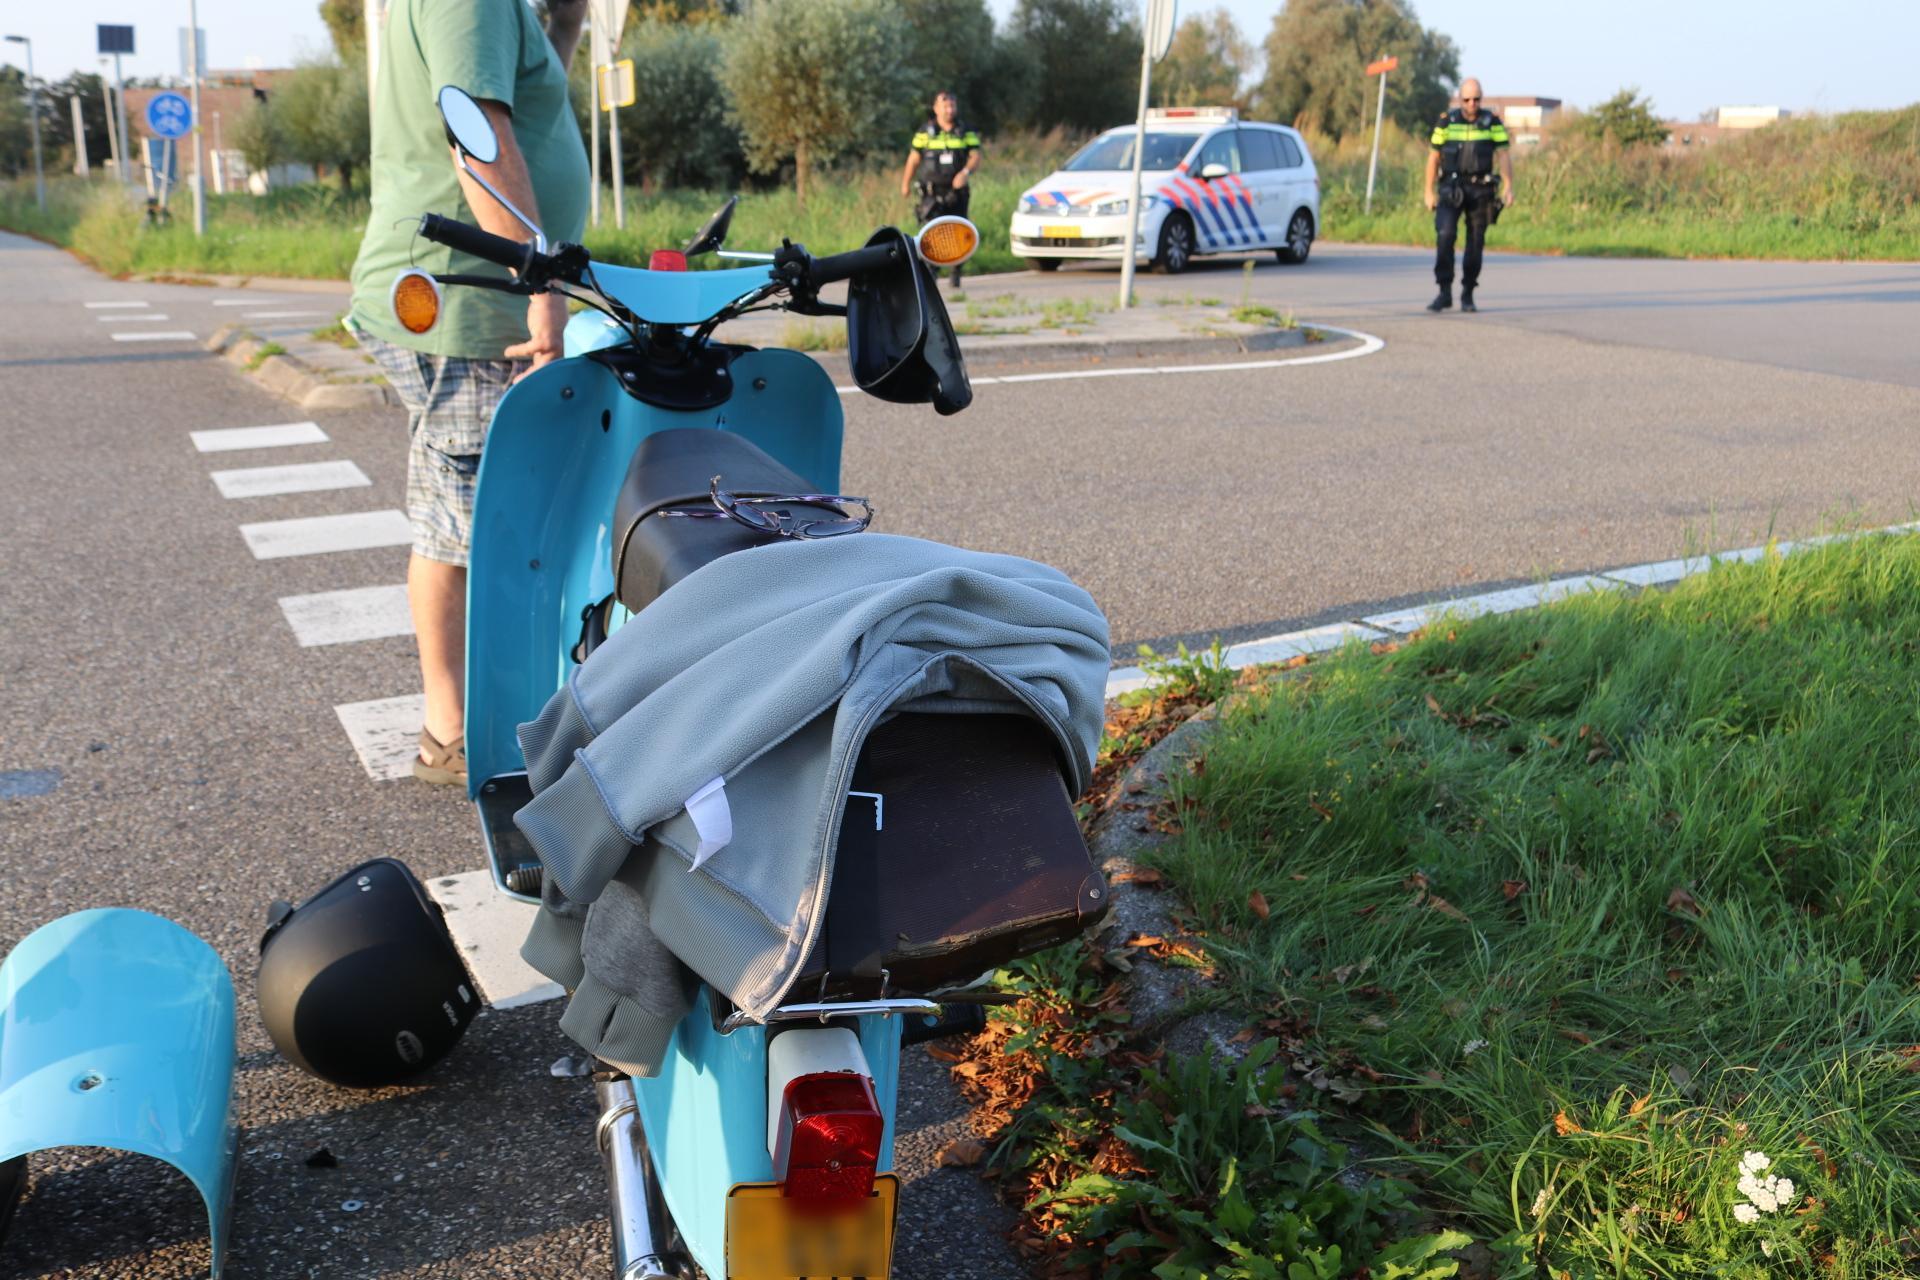 Auto schept tweetal op scooter in Oegstgeest en vlucht A44 op, getuigen noteren kenteken